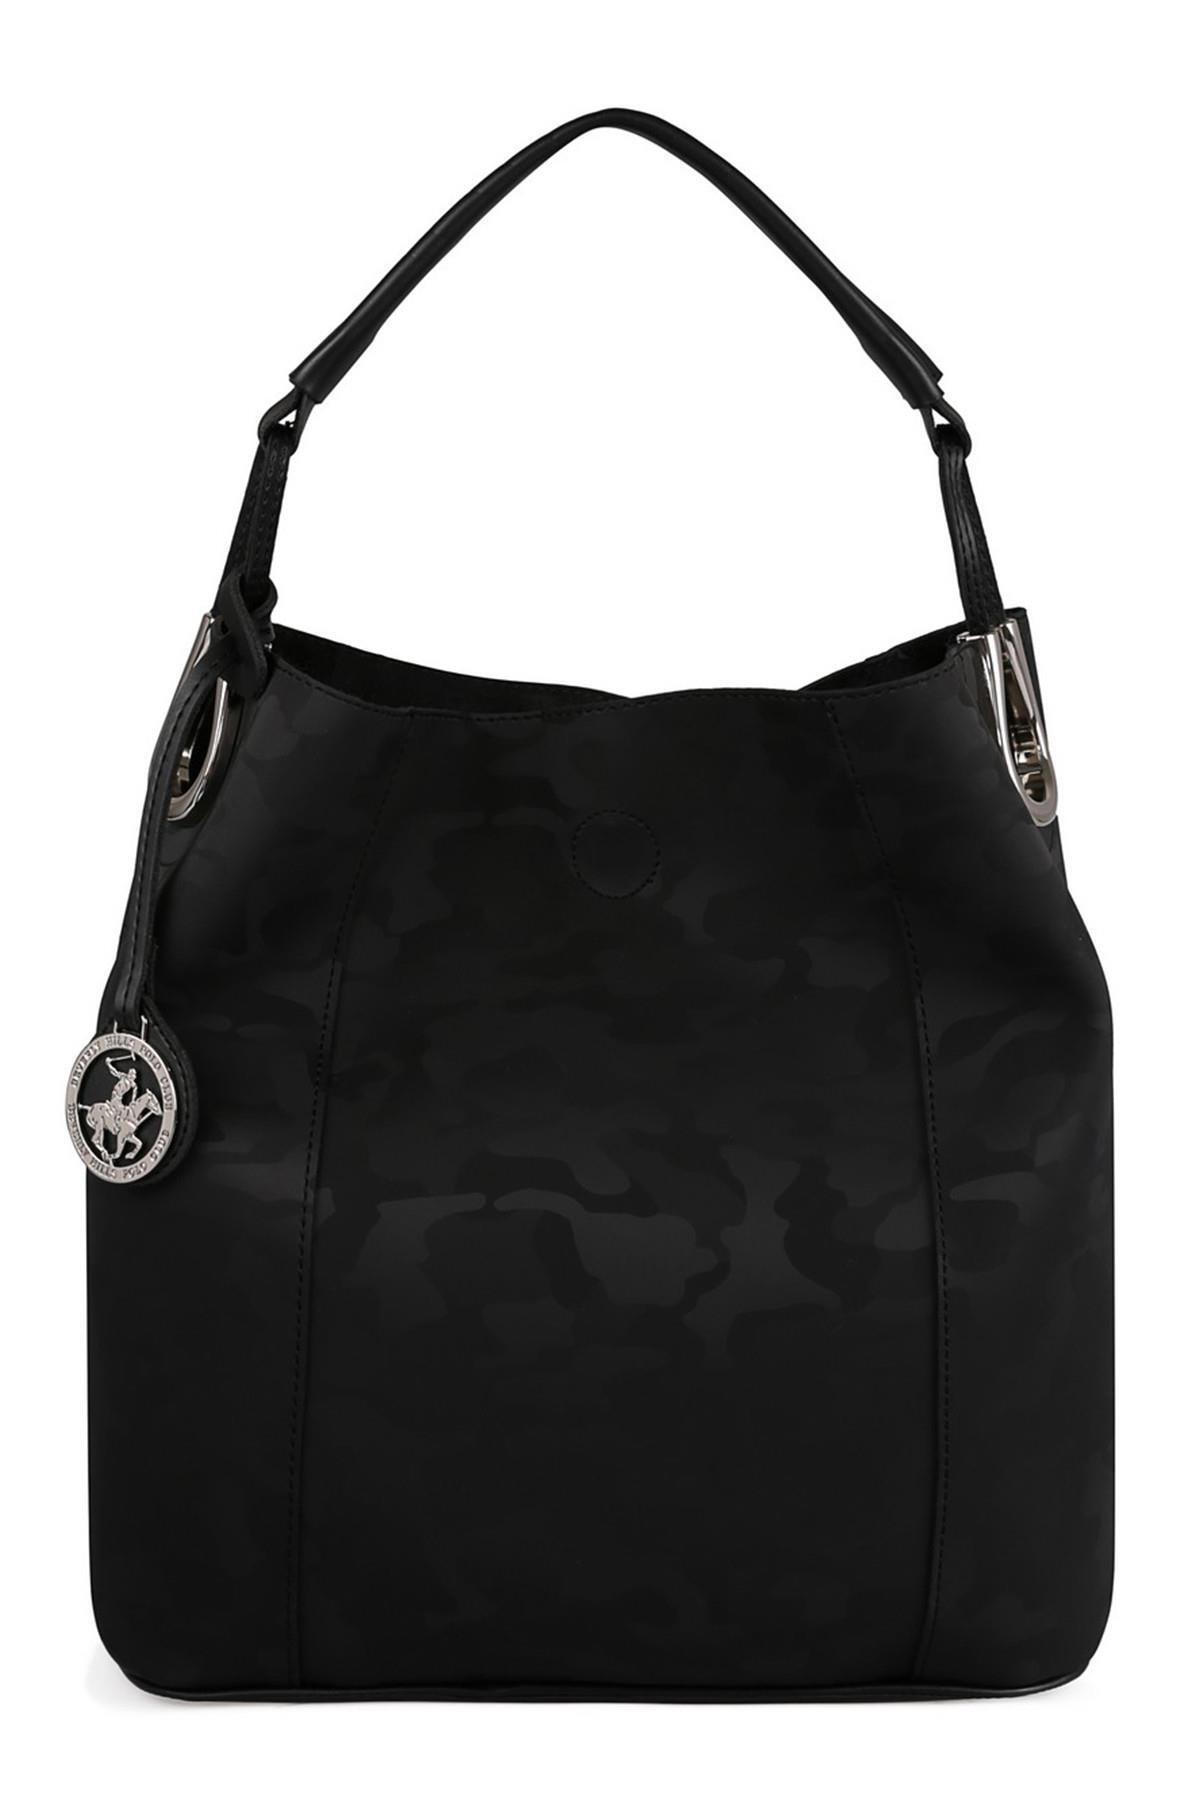 Beverly Hills Polo Club Kadın El ve Omuz Çantası Siyah 1